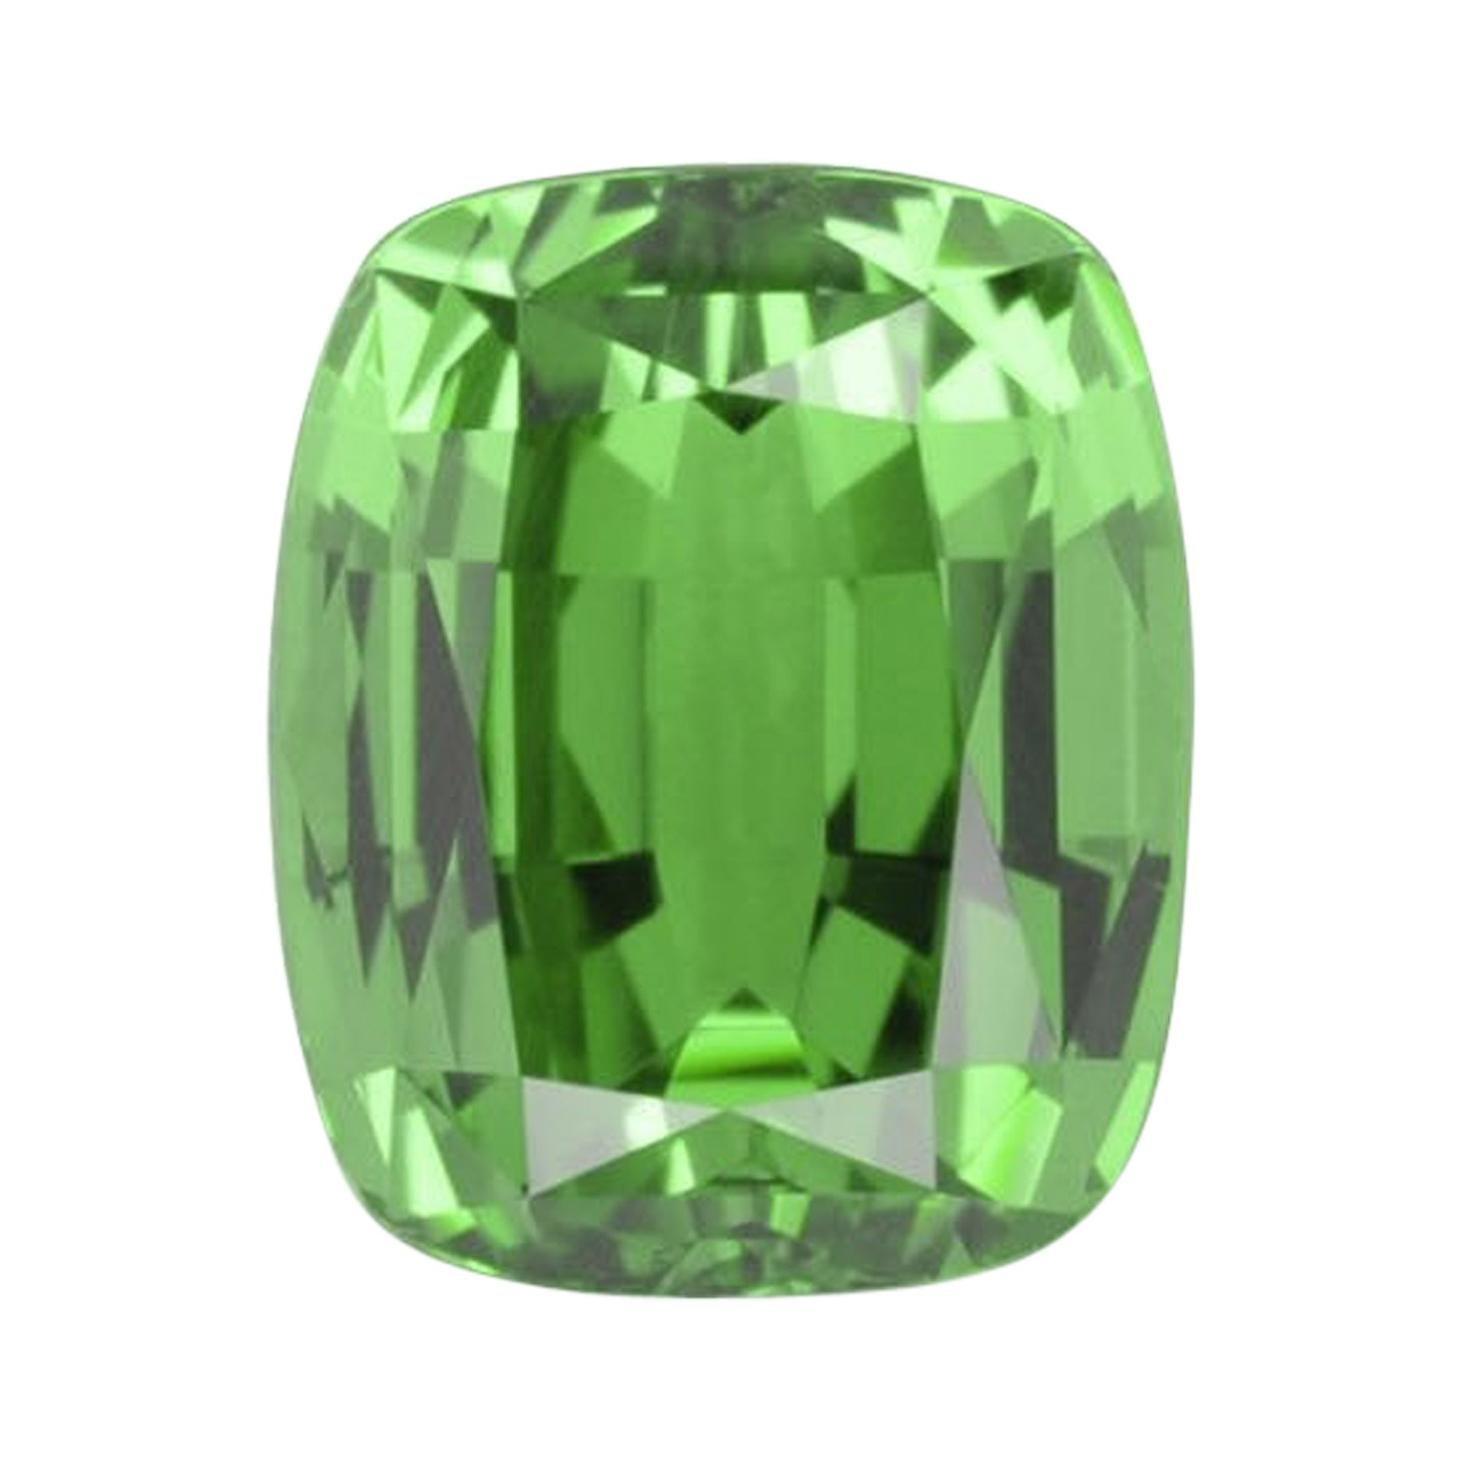 Tsavorite Ring Gem 4.10 Carat Cushion Loose Gemstone